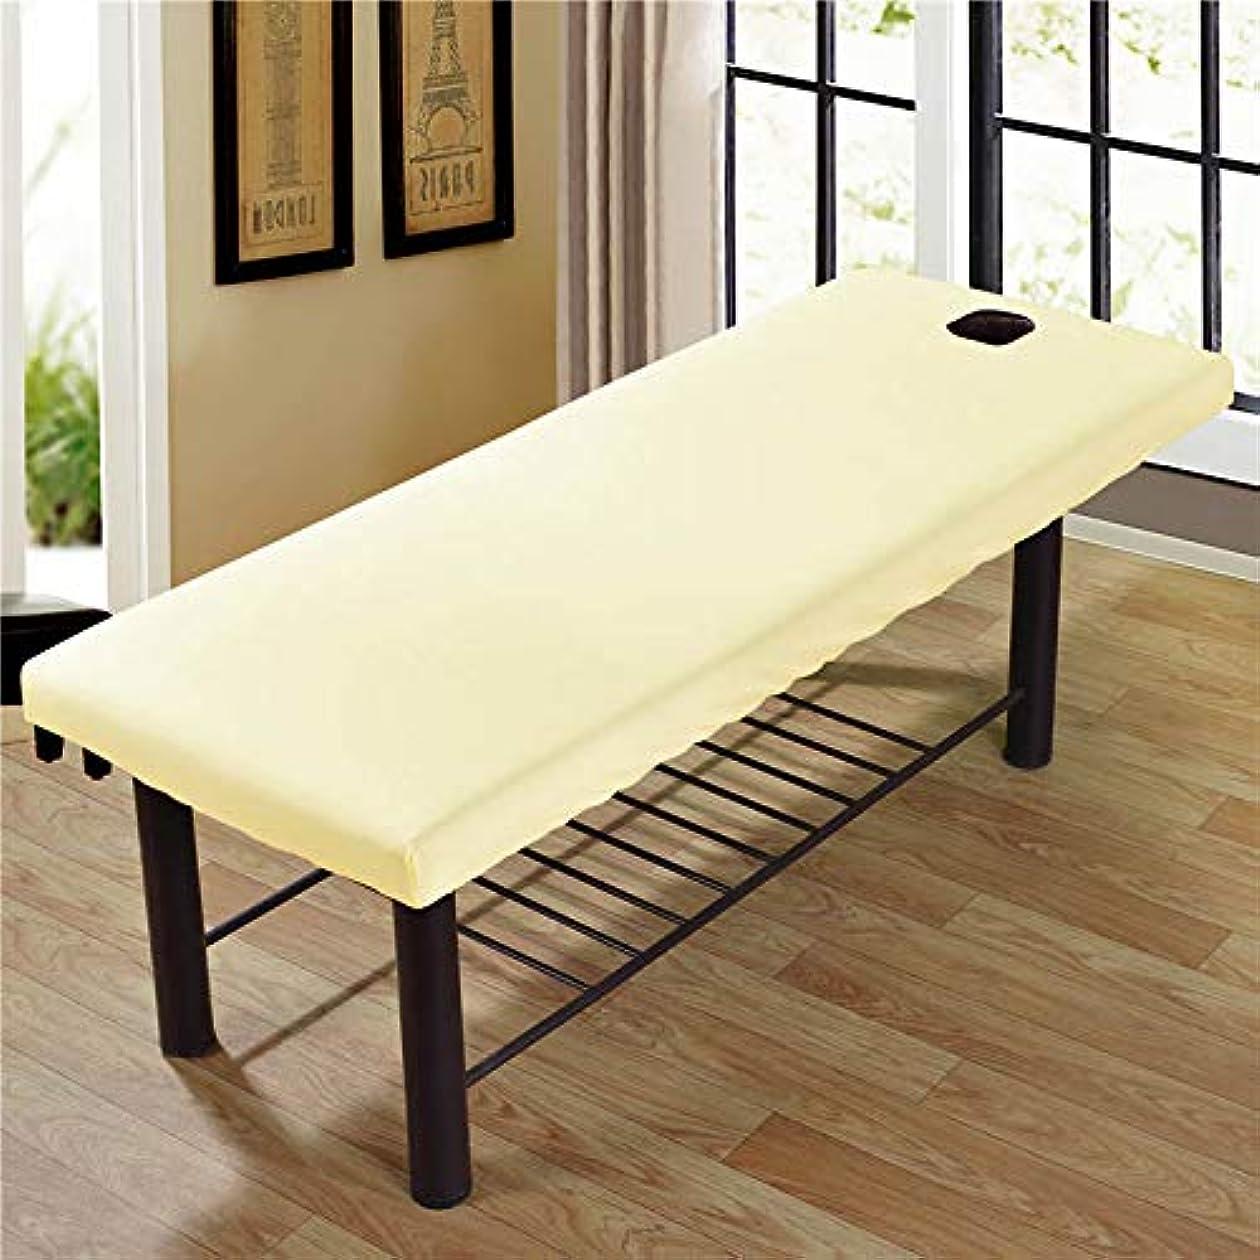 近代化風刺大型トラックJanusSaja 美容院のマッサージ療法のベッドのための柔らかいSoliod色の長方形のマットレス